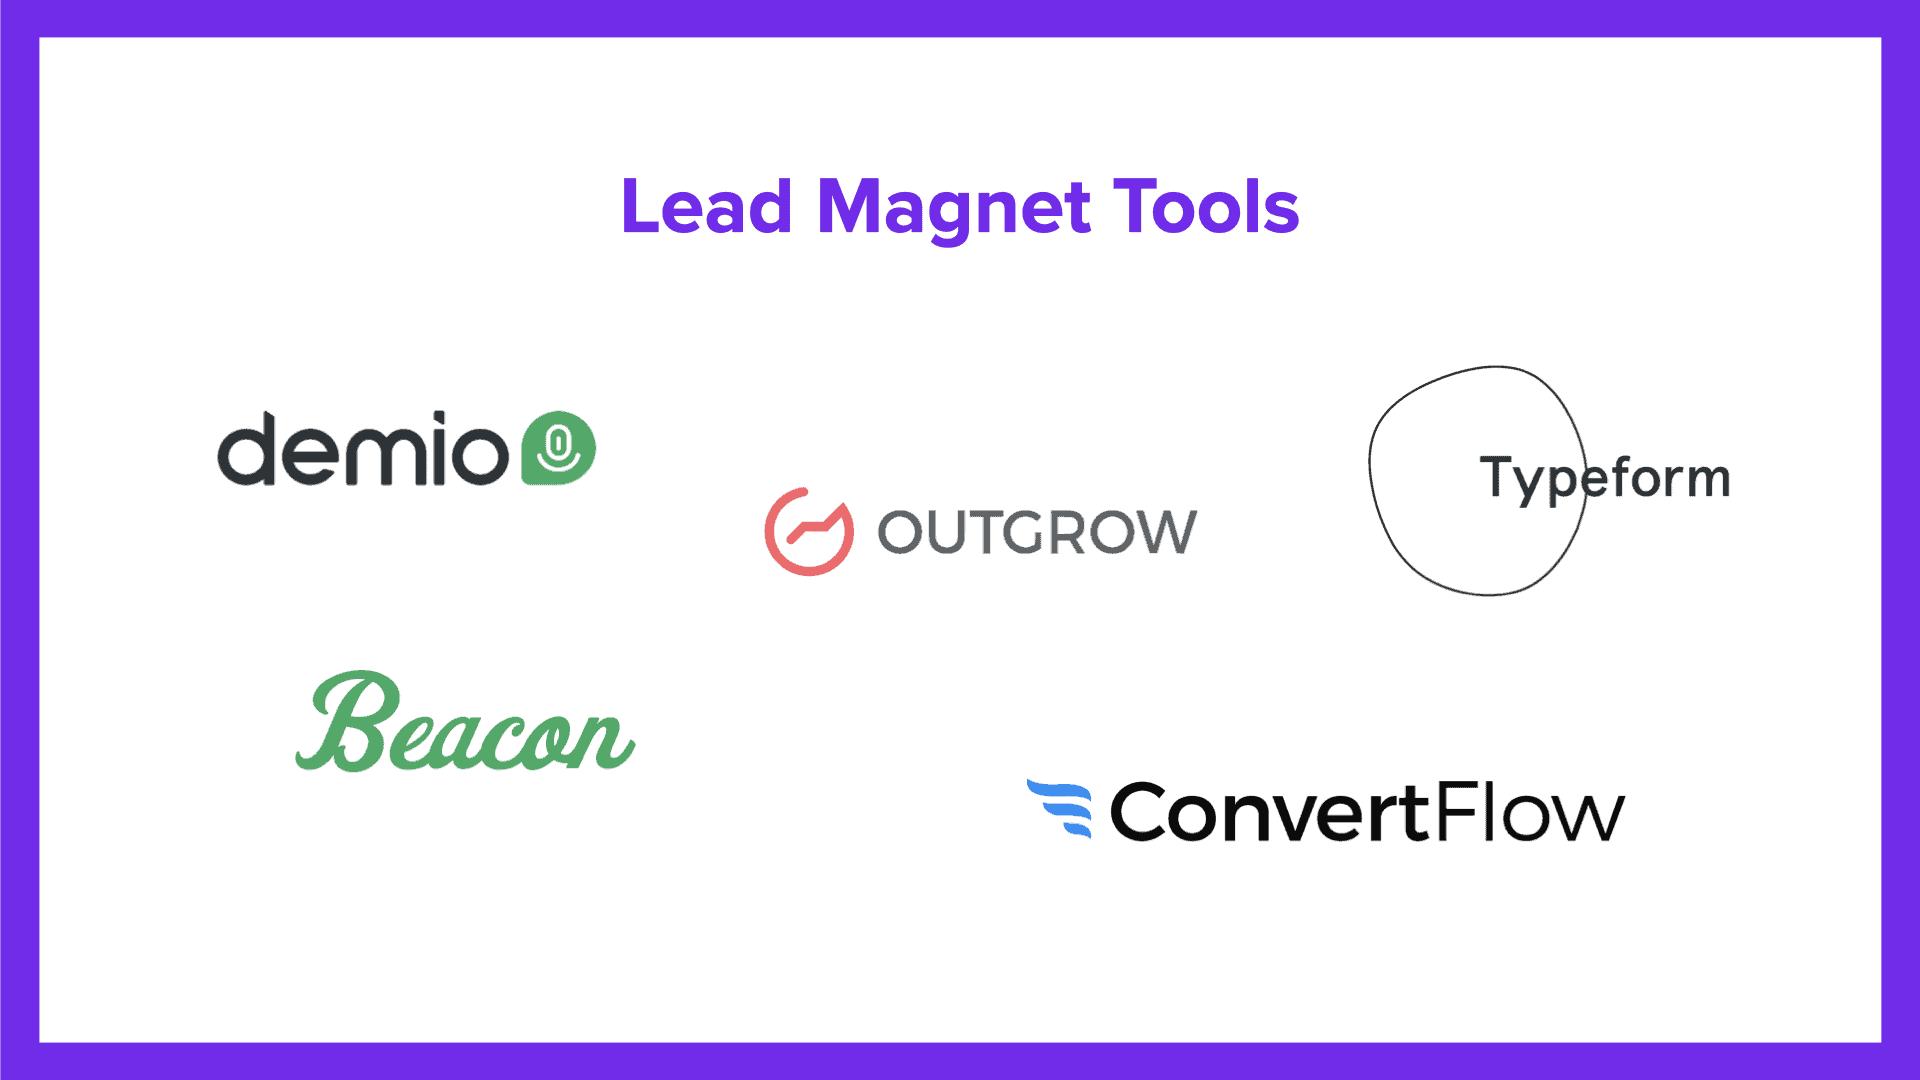 lead magnet tools